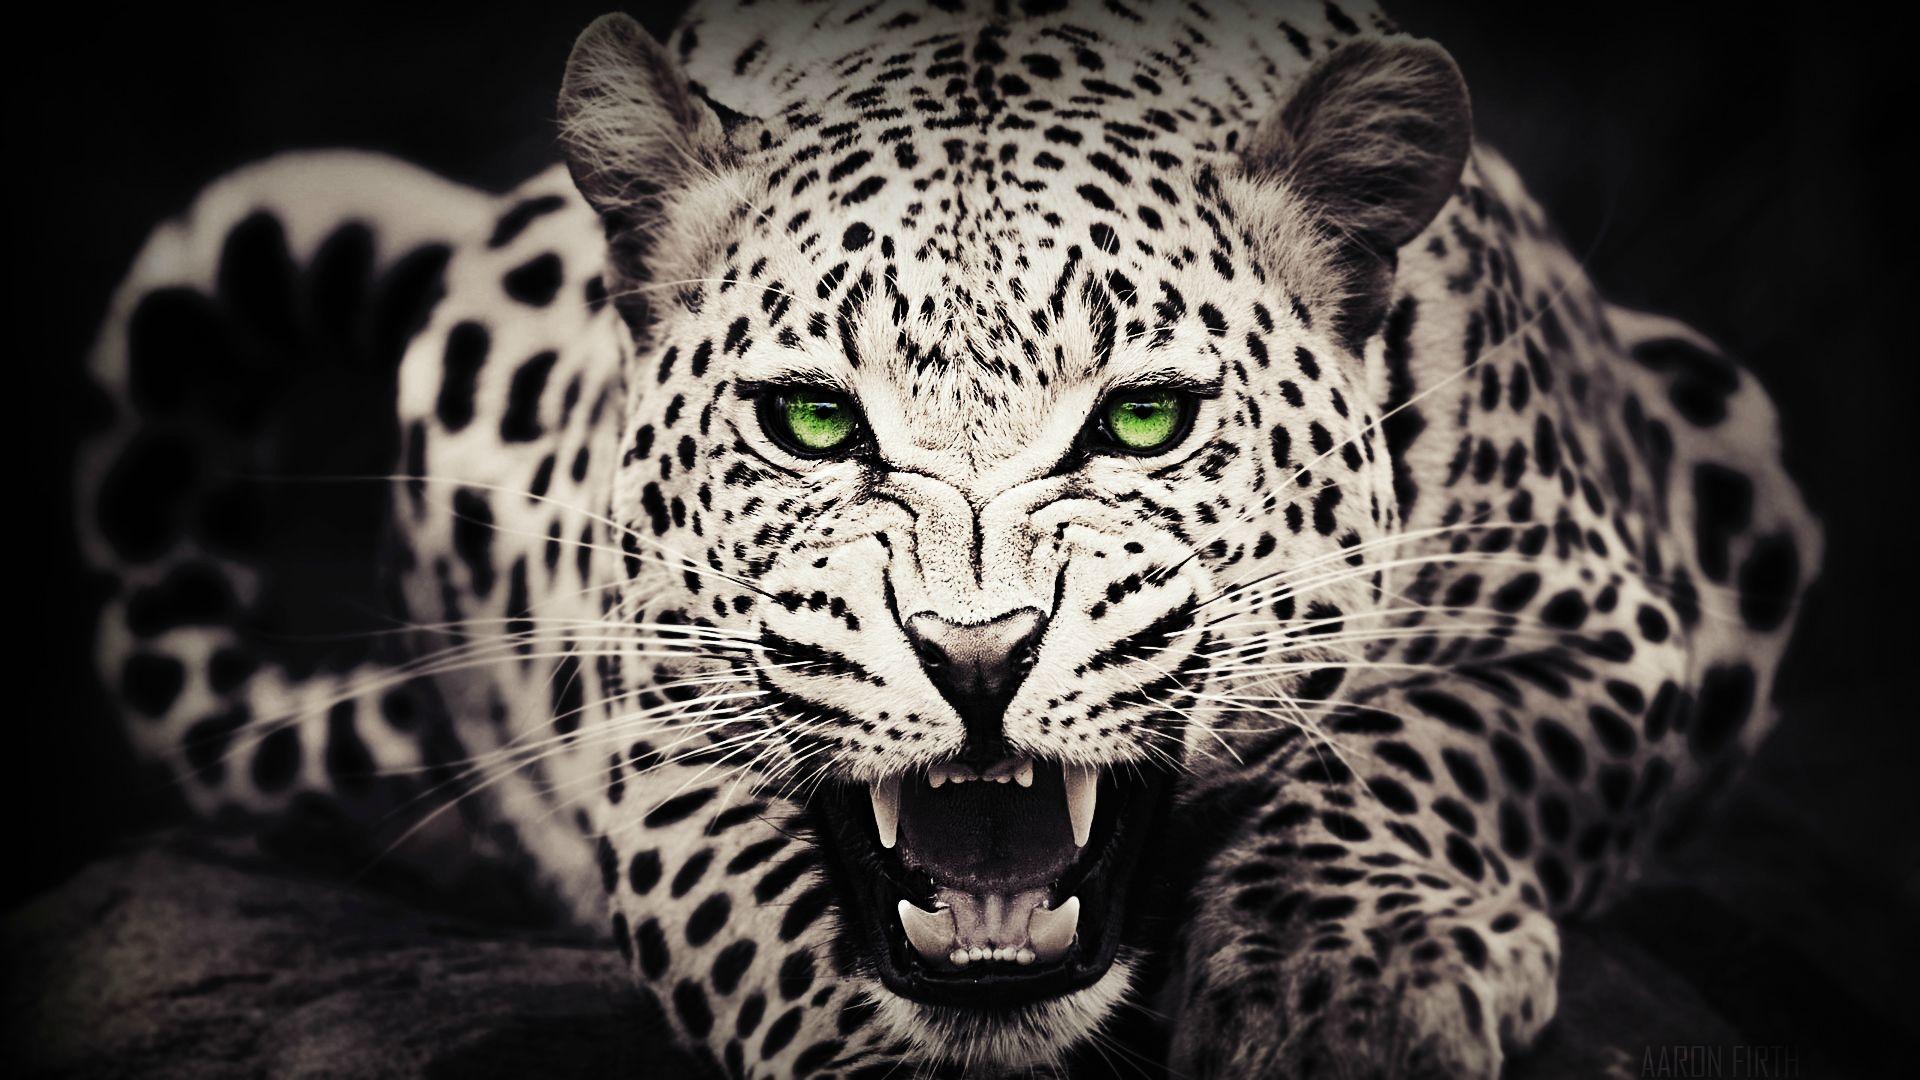 Baby Black Leopard Wallpaper Leopard wallpaper 1920x1080